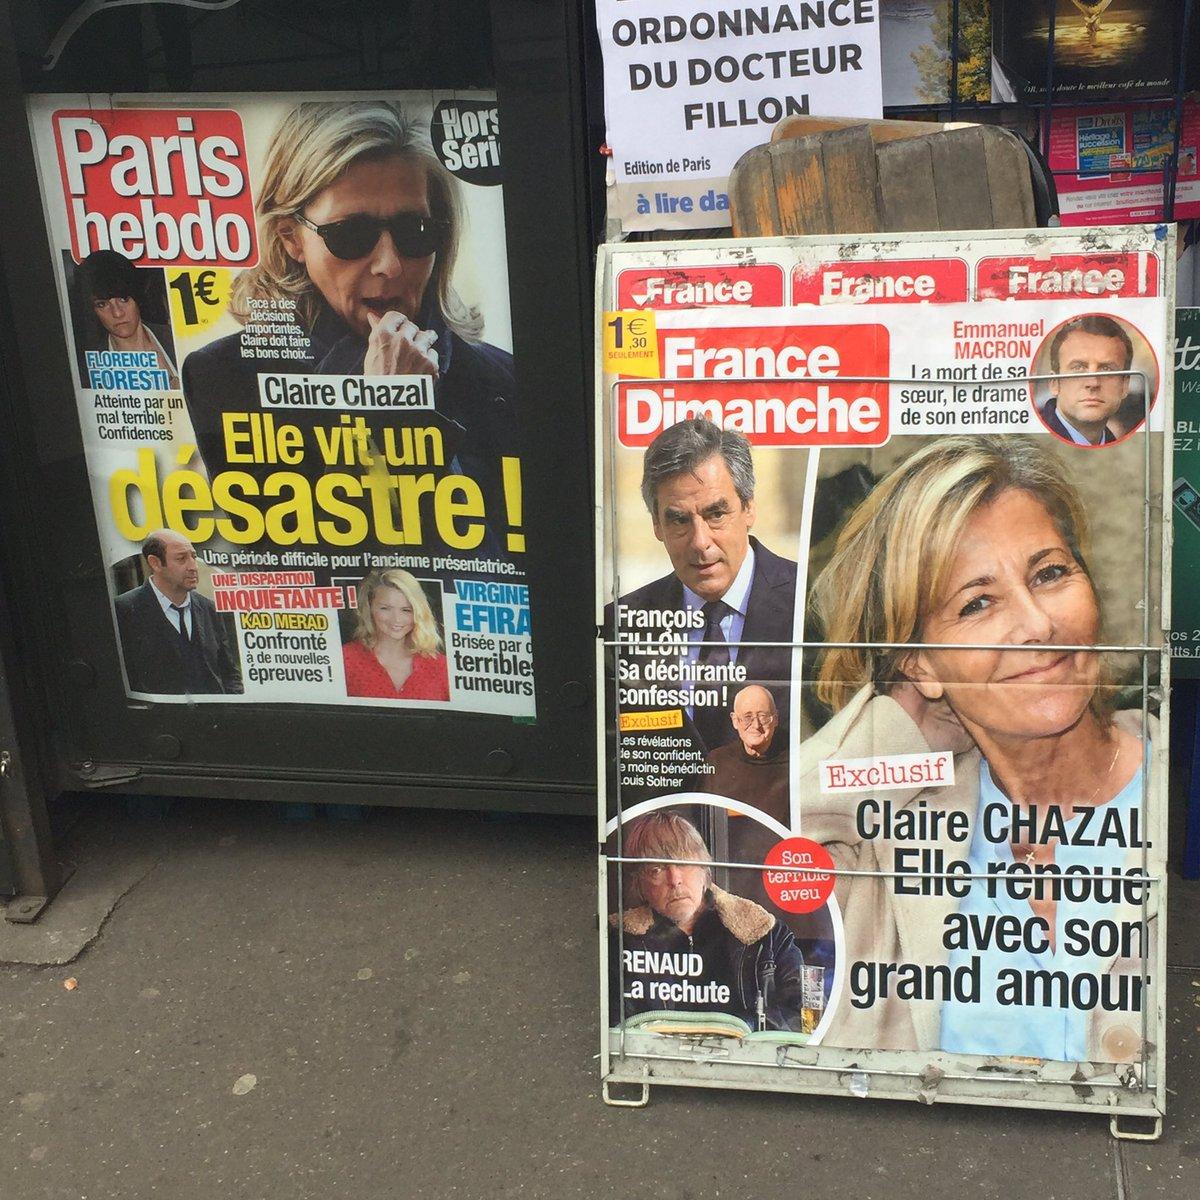 Vu ce matin ! Sans montage ! Magnifique ! #news #people<br>http://pic.twitter.com/U0j3icmRF7